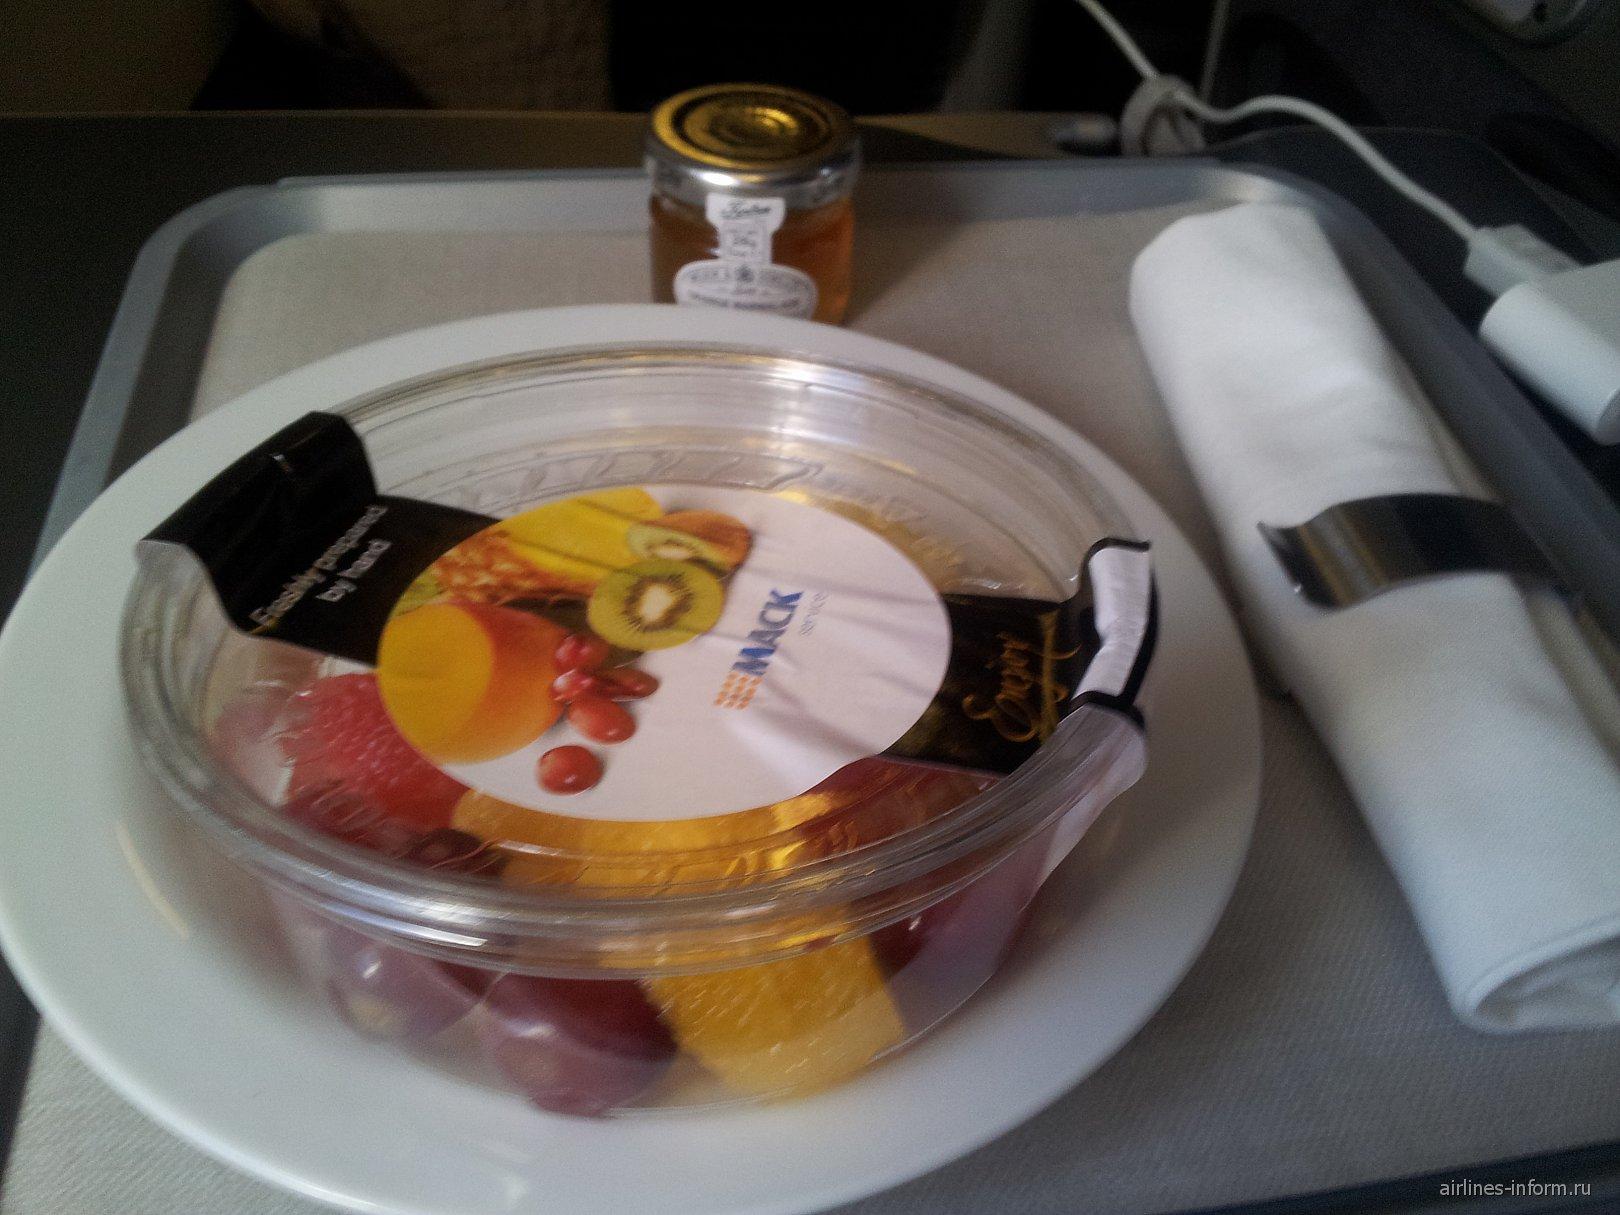 Питание на рейсе Лондон-Алматы Британских авиалиний